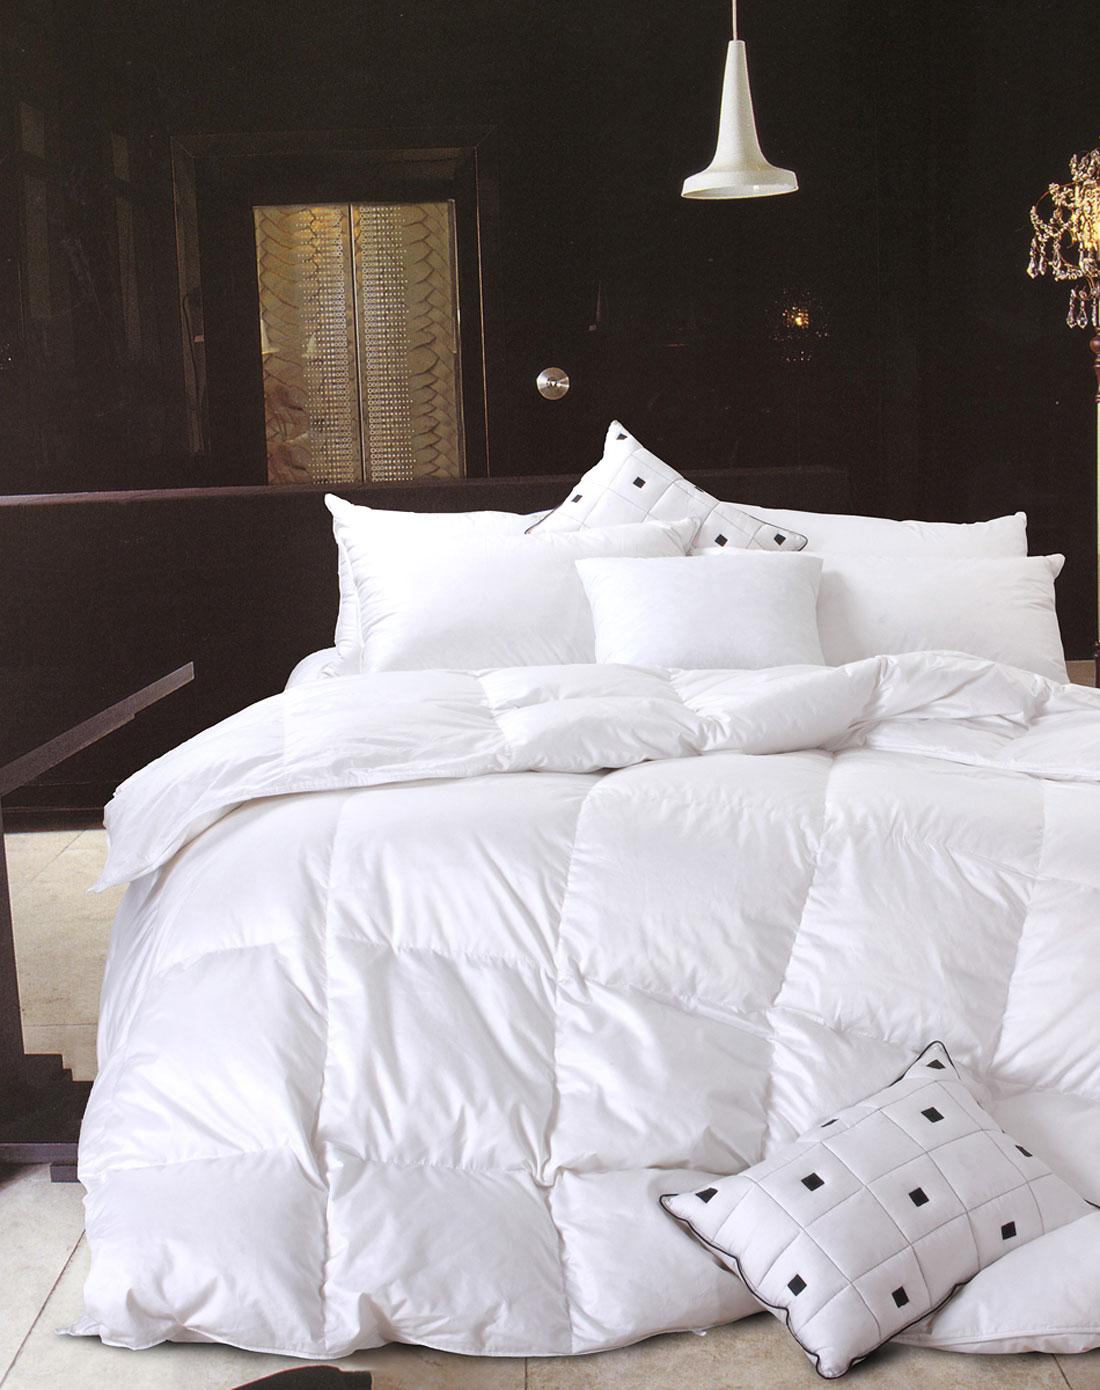 柳桥家纺专场-1.5米床95%特级白鹅绒纯白面料贵妃鹅绒冬被